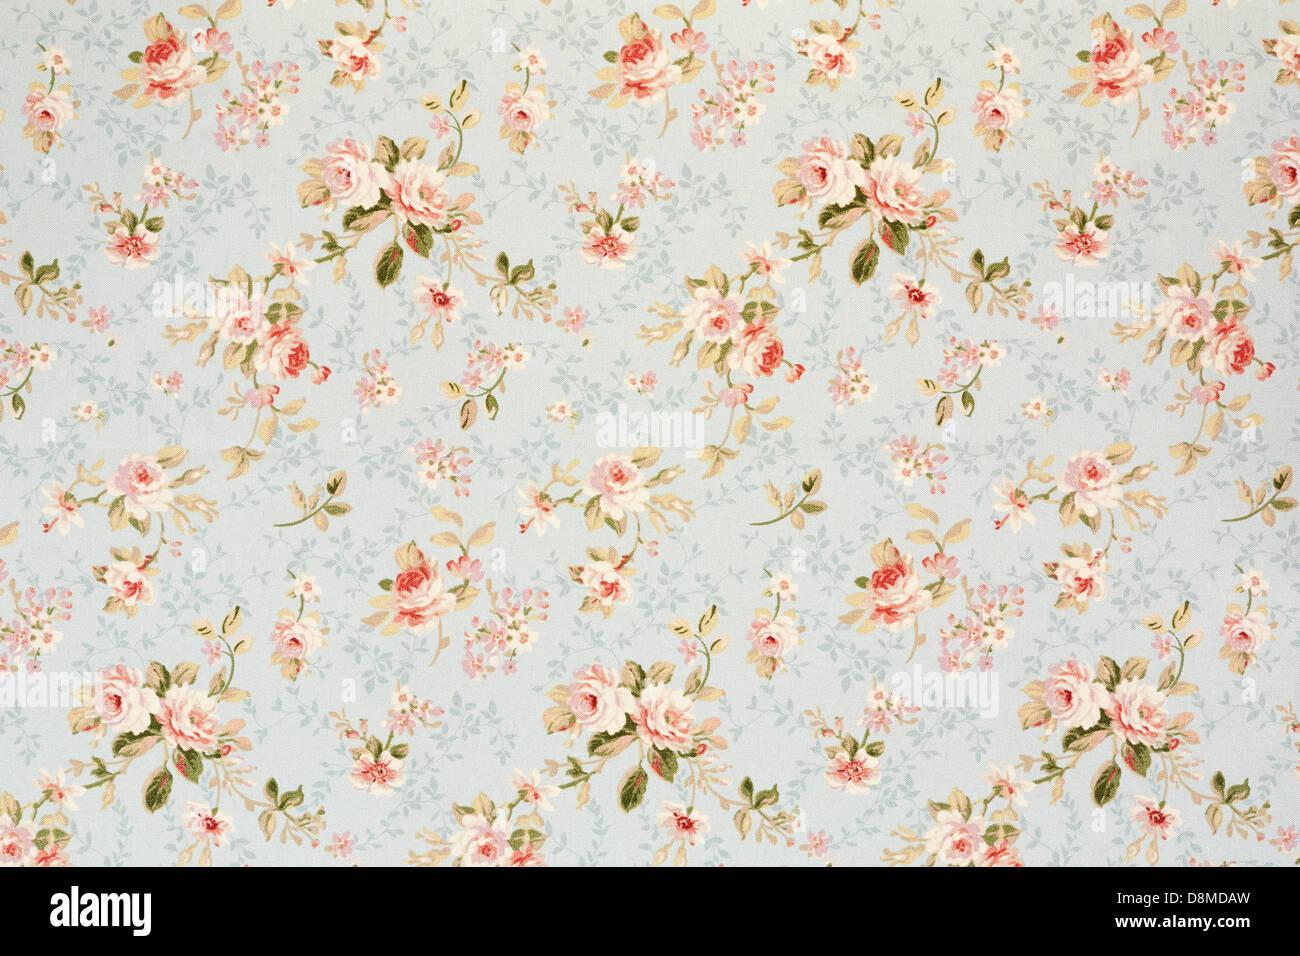 Rose floral Tapete, romantische Textur Hintergrund Stockbild